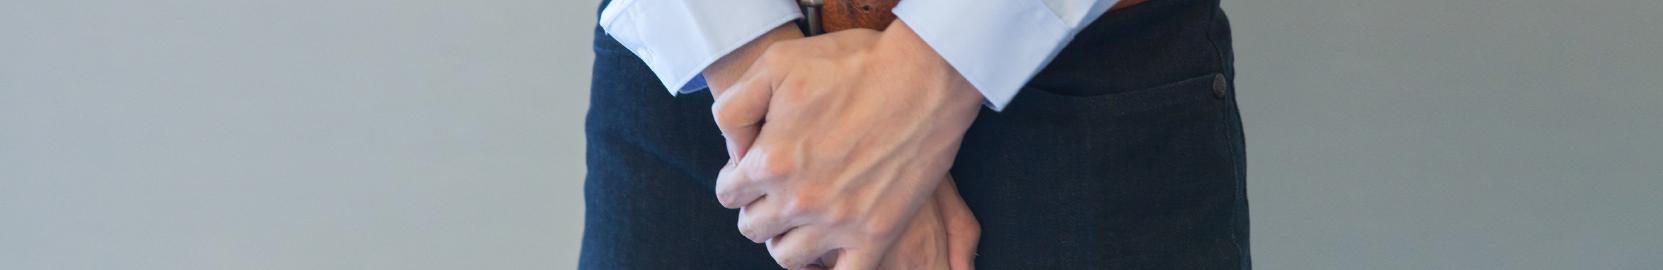 Slider cuidado de próstata manos